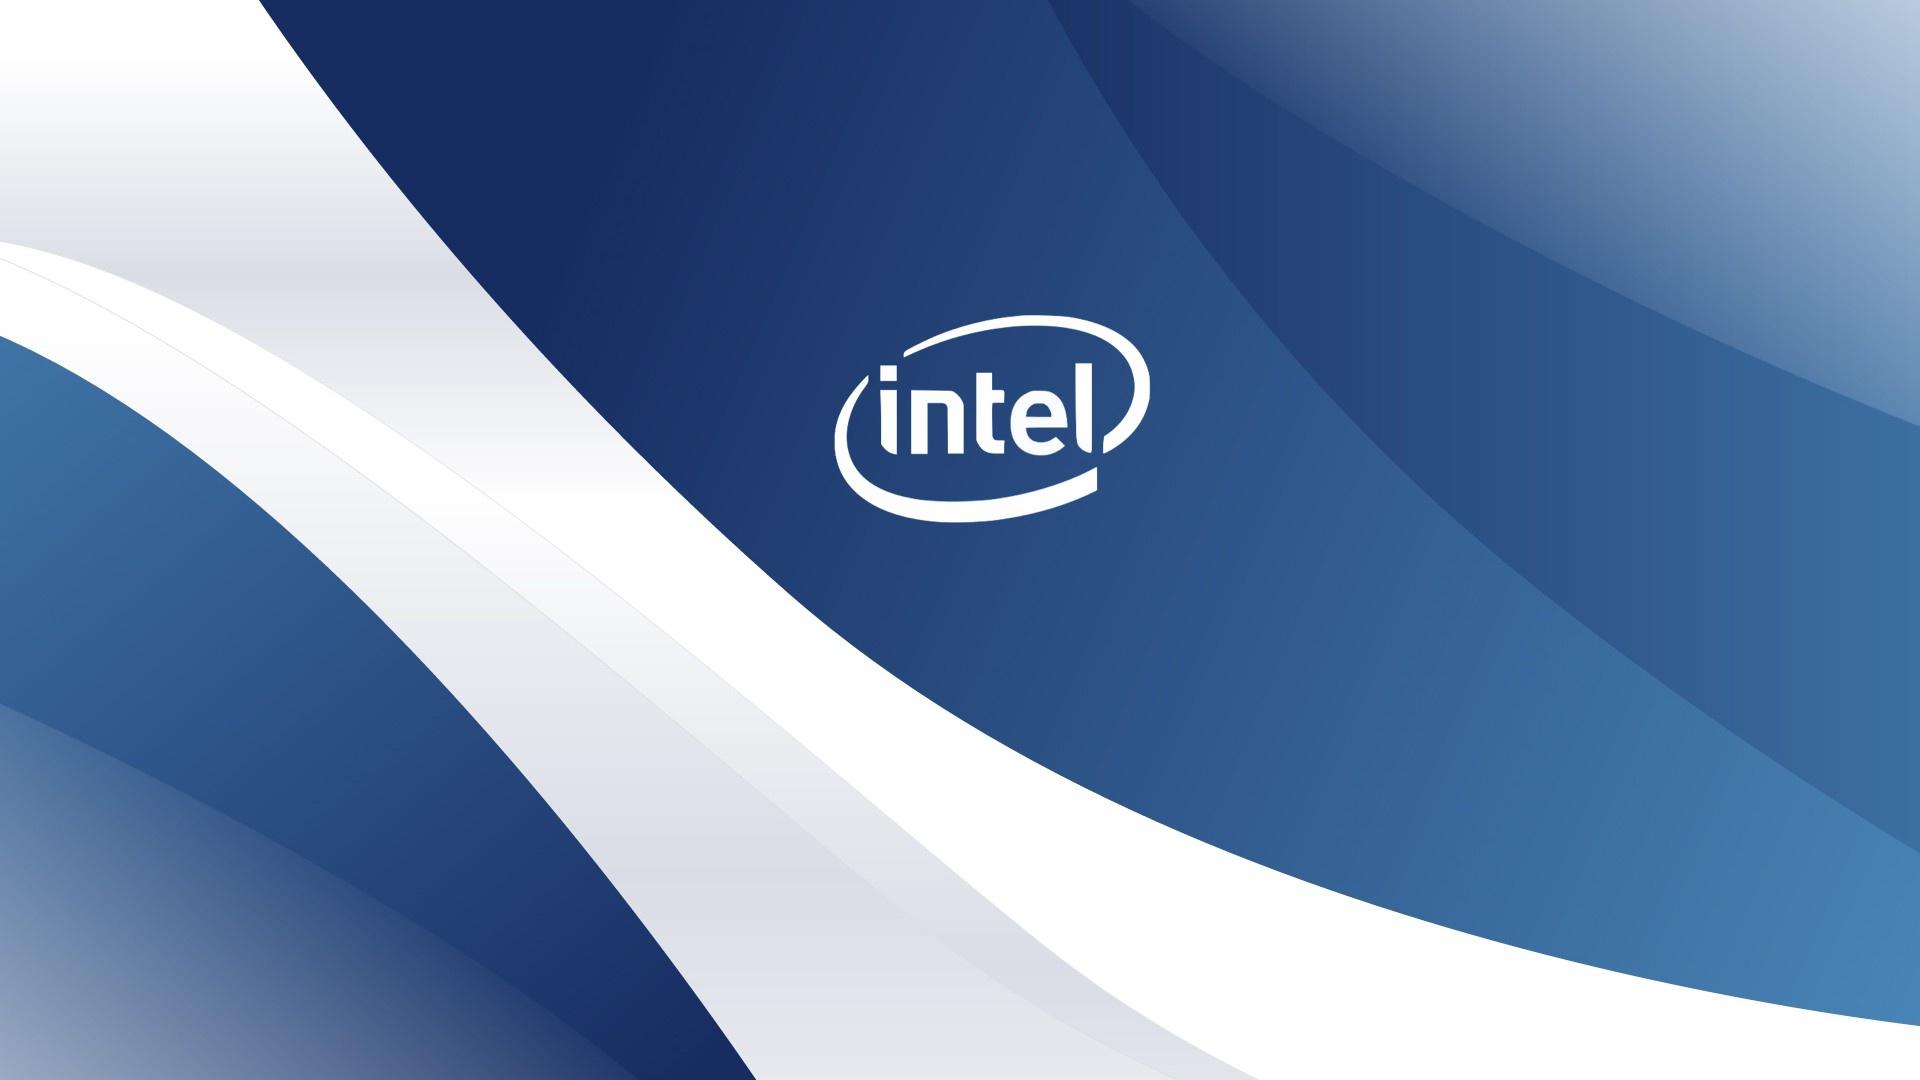 HQ-Intel-Wallpaper